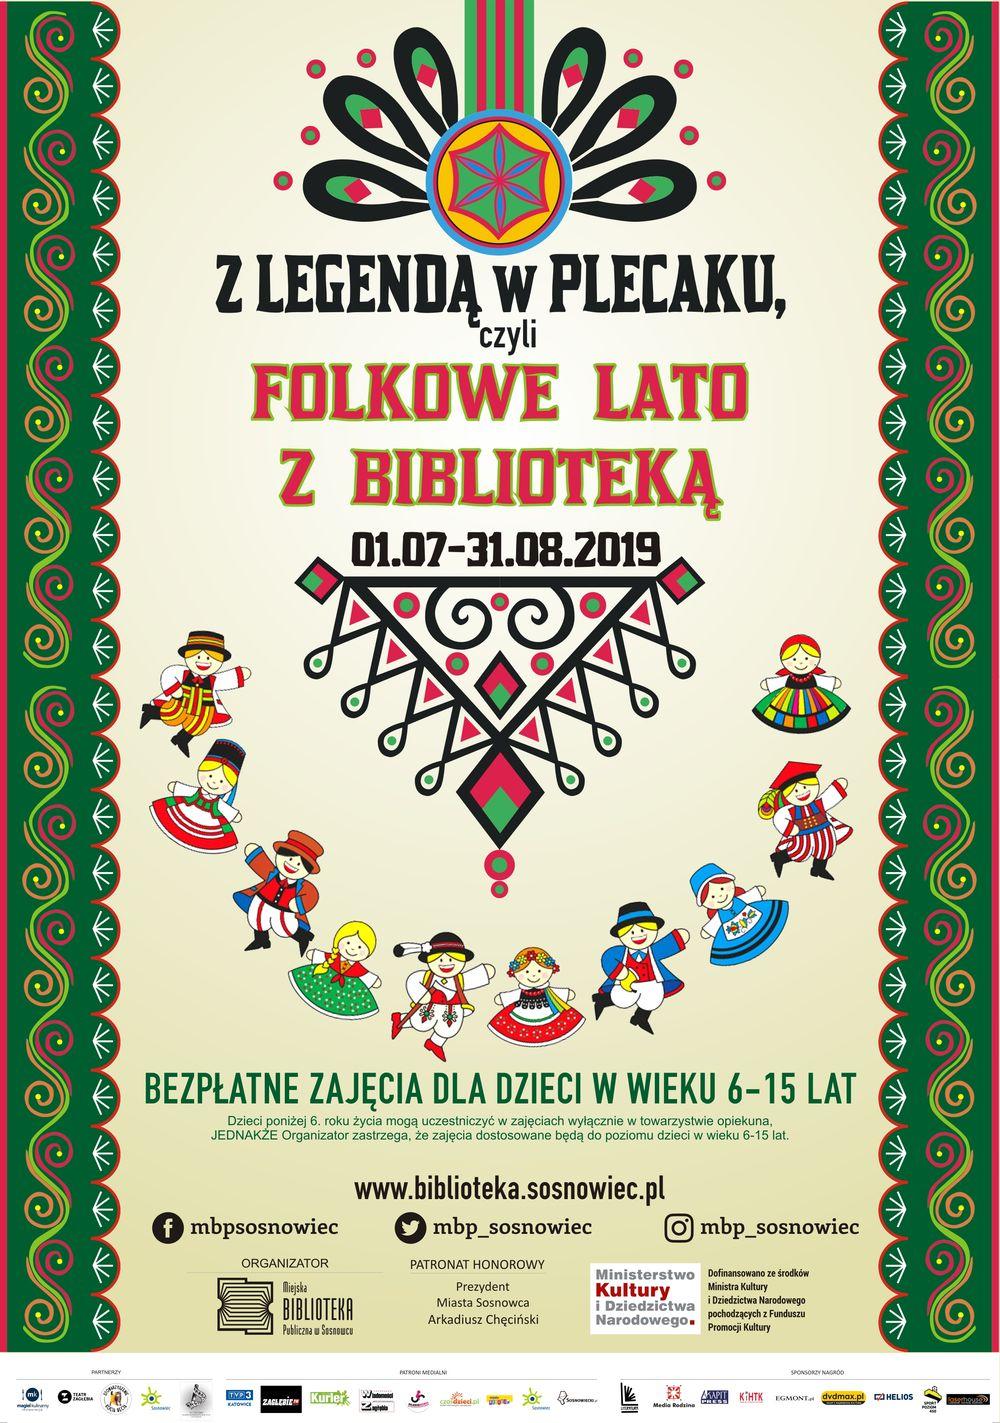 Z legendą w plecaku, czyli folkowe lato z biblioteką – akcja letnia w Sosnowcu